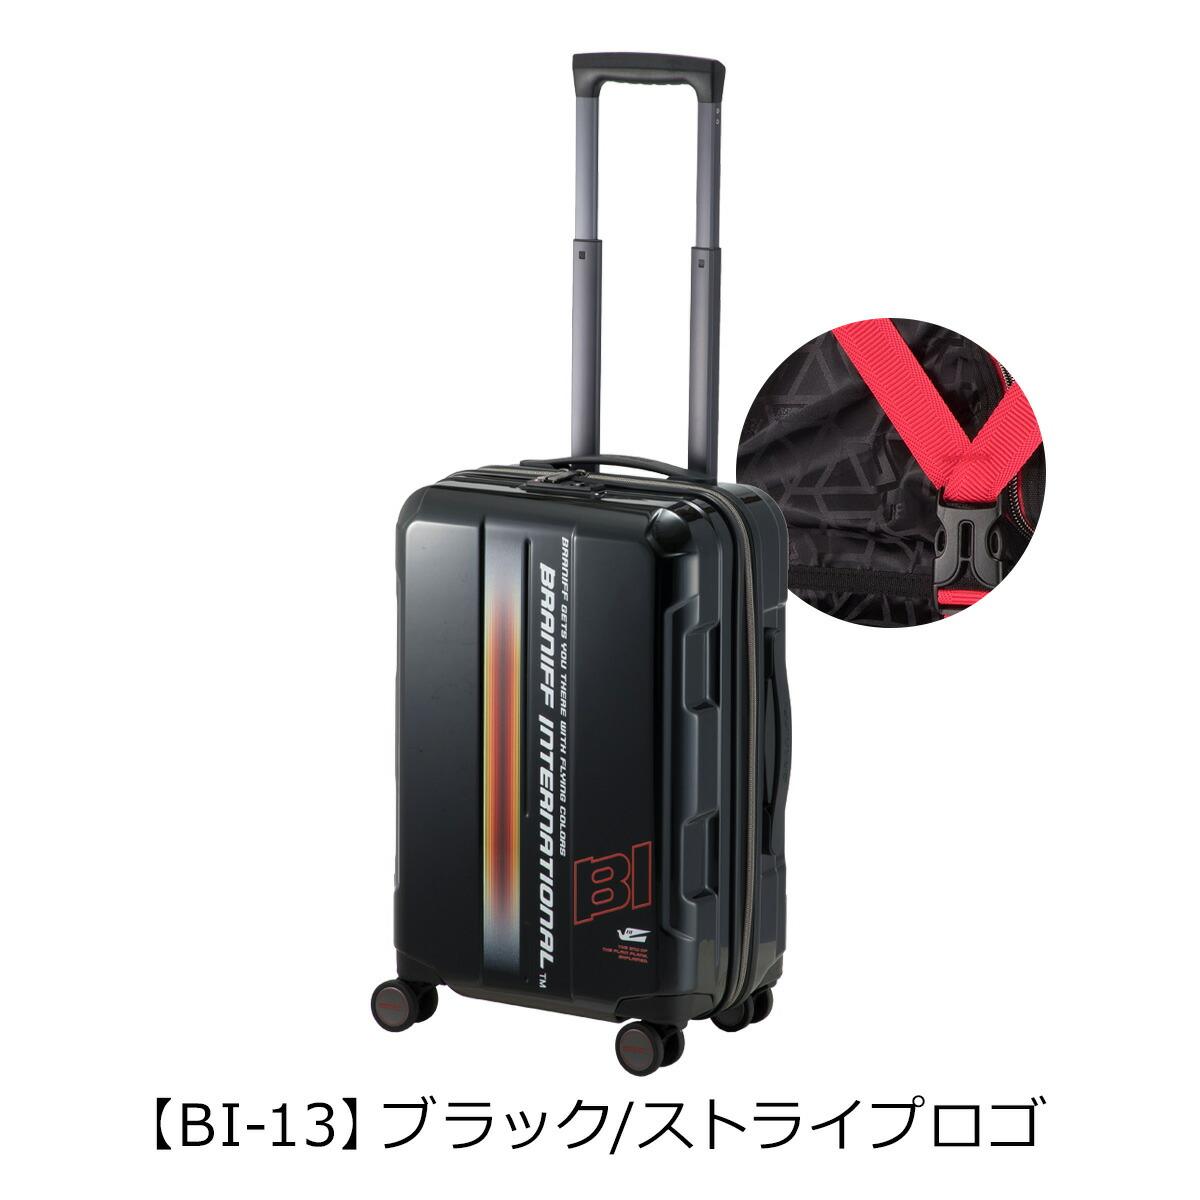 【BI-13】ブラック/ストライプロゴ